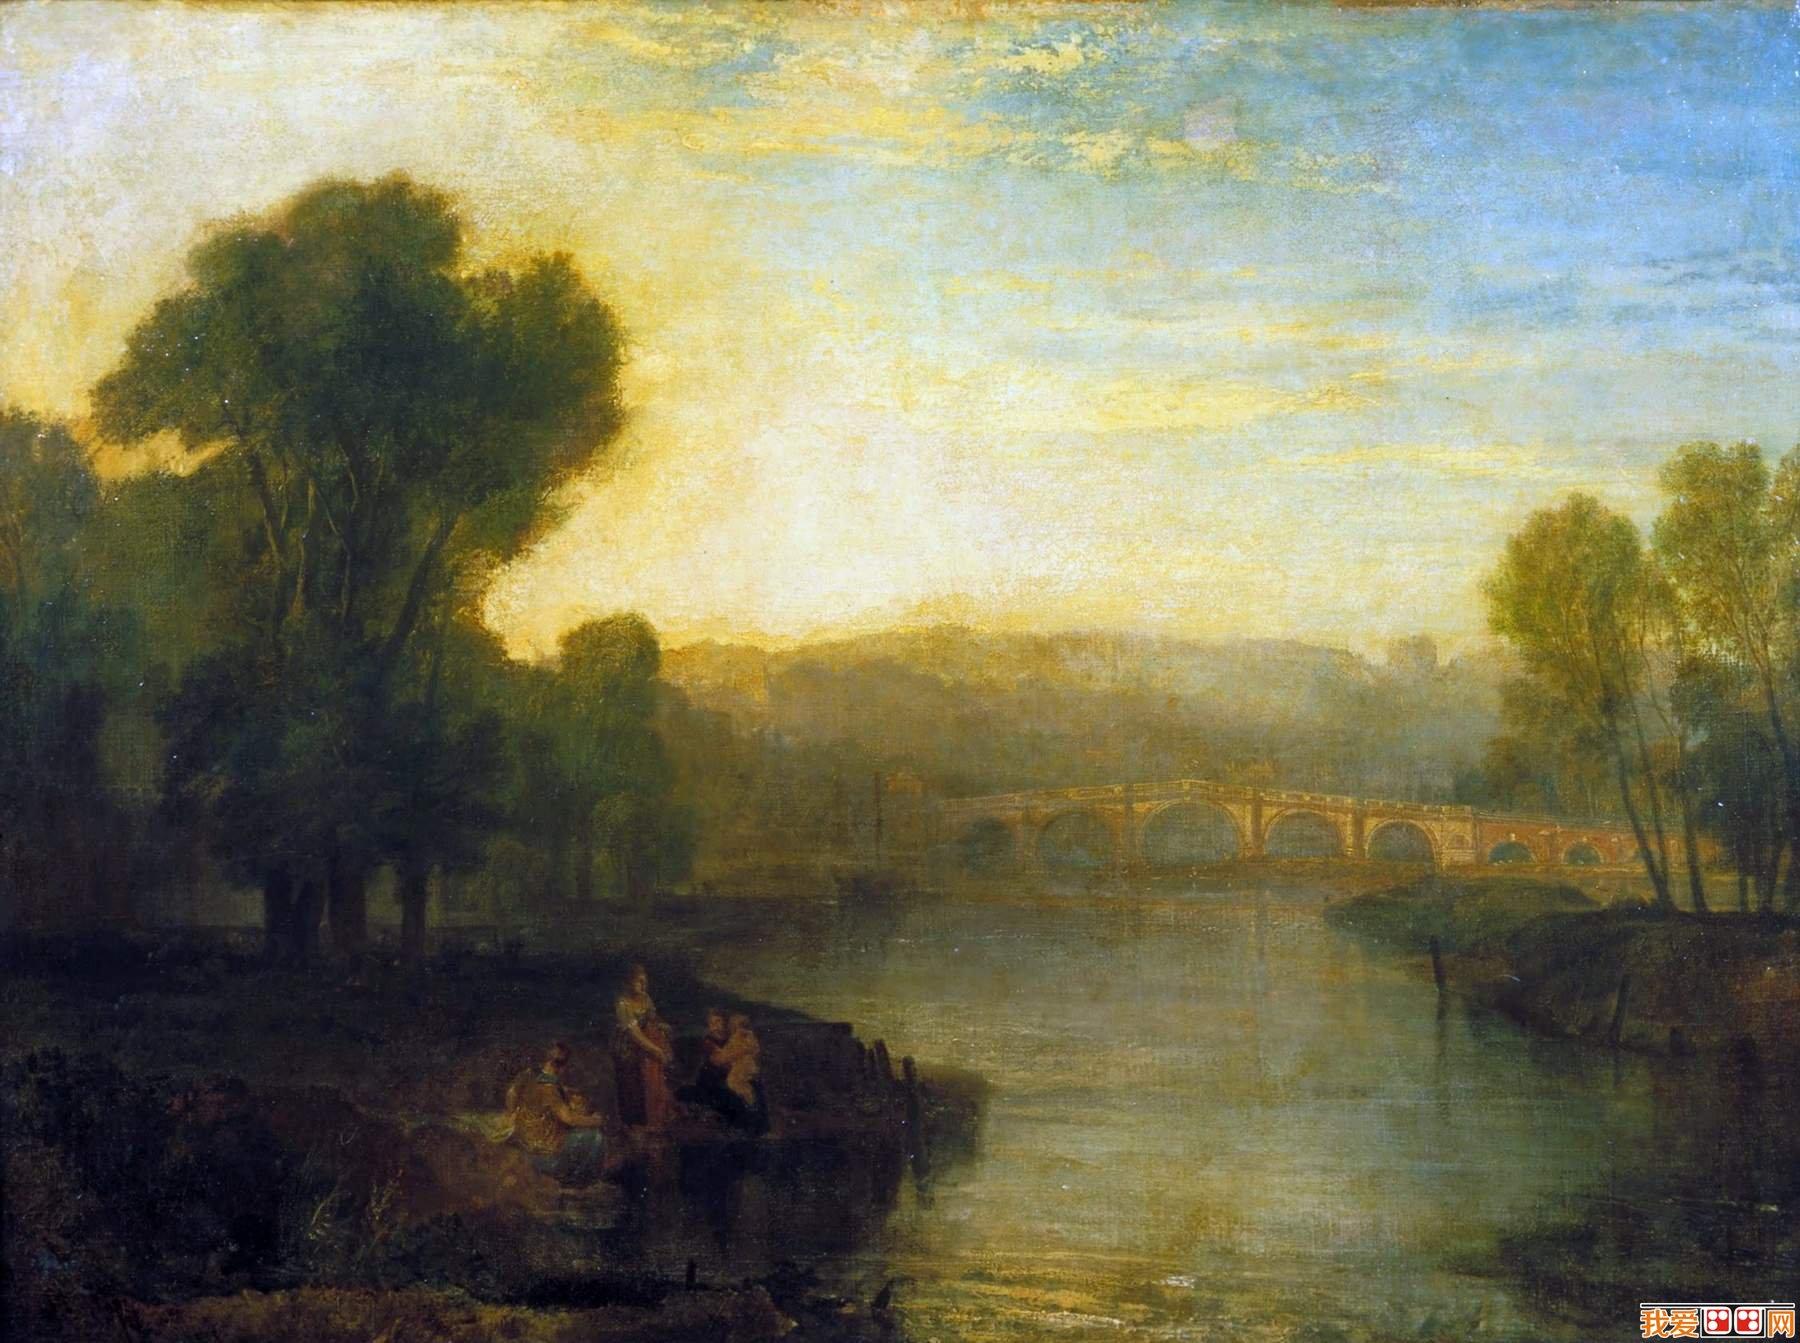 英国画家约瑟夫·马洛德·威廉·透纳风景油画作品赏析(3)